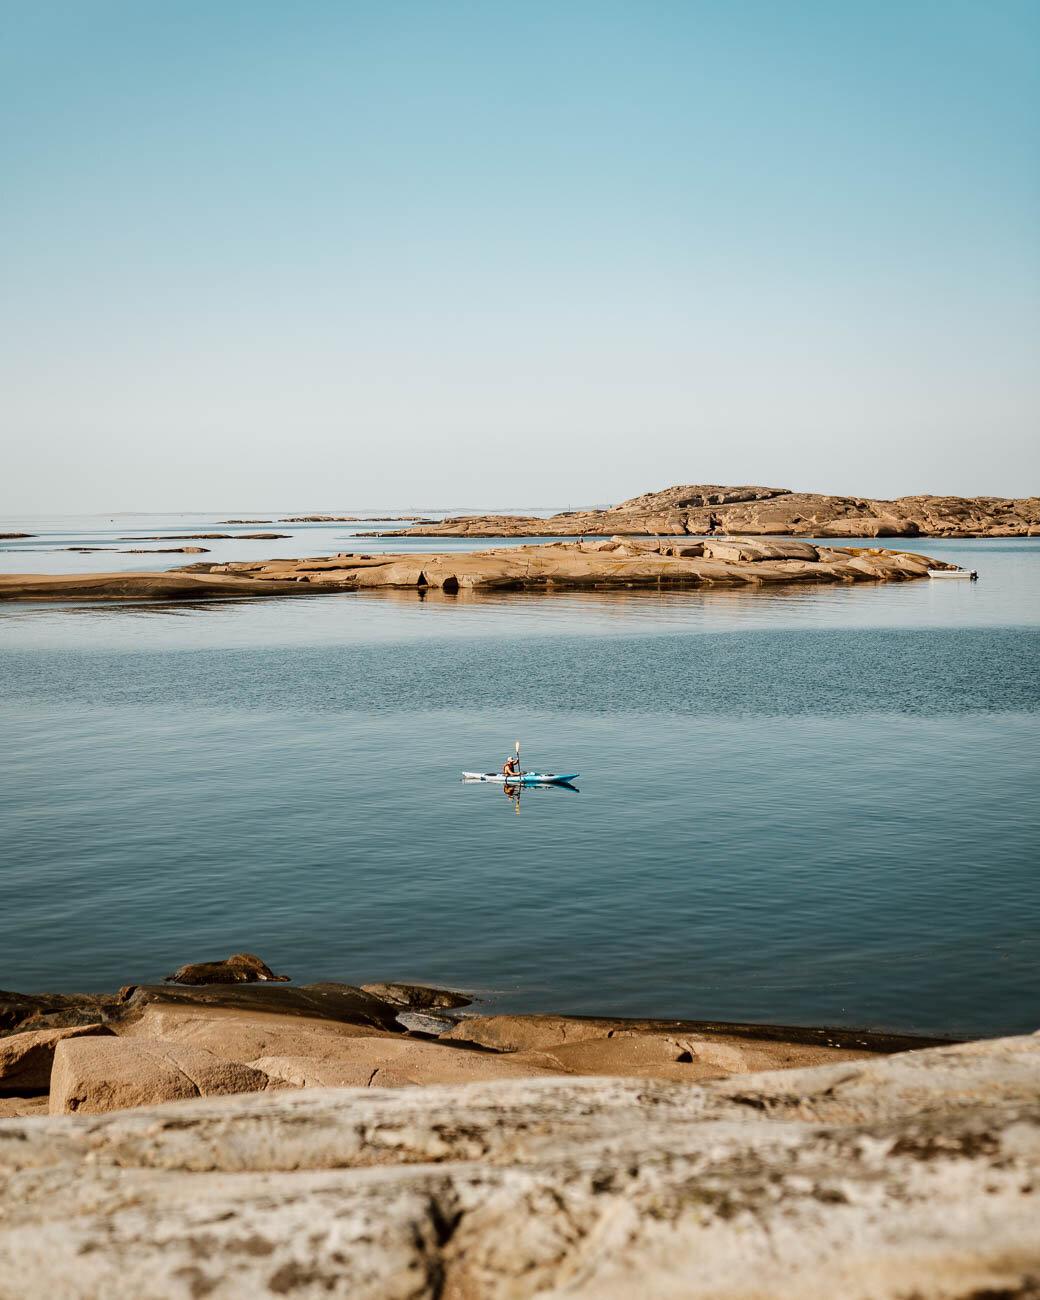 Kayaking in Bohuslån archipelago - Along Dusty Roads